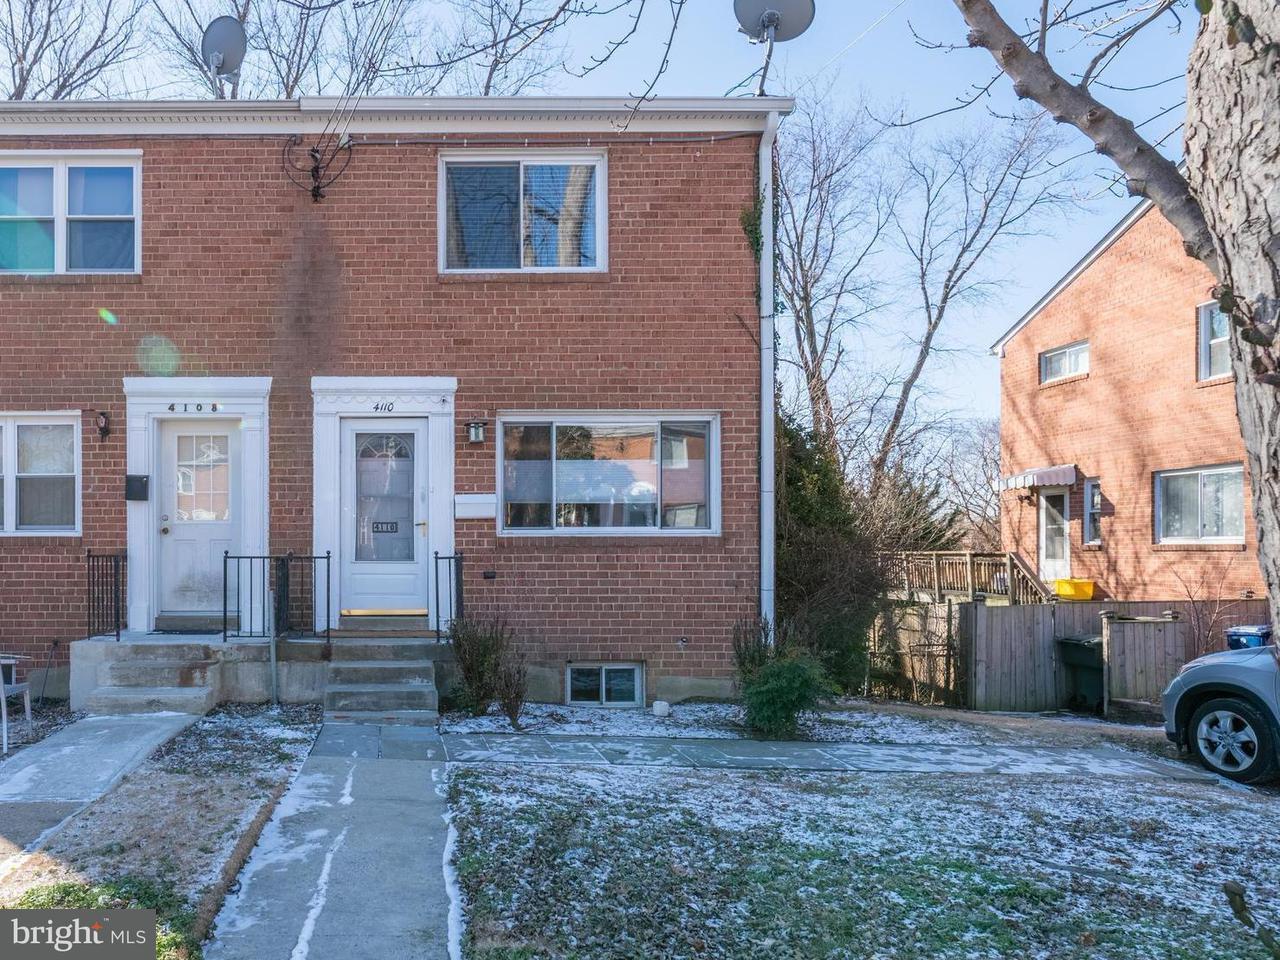 Doppelhaus für Verkauf beim 4110 Usher Avenue 4110 Usher Avenue Alexandria, Virginia 22304 Vereinigte Staaten